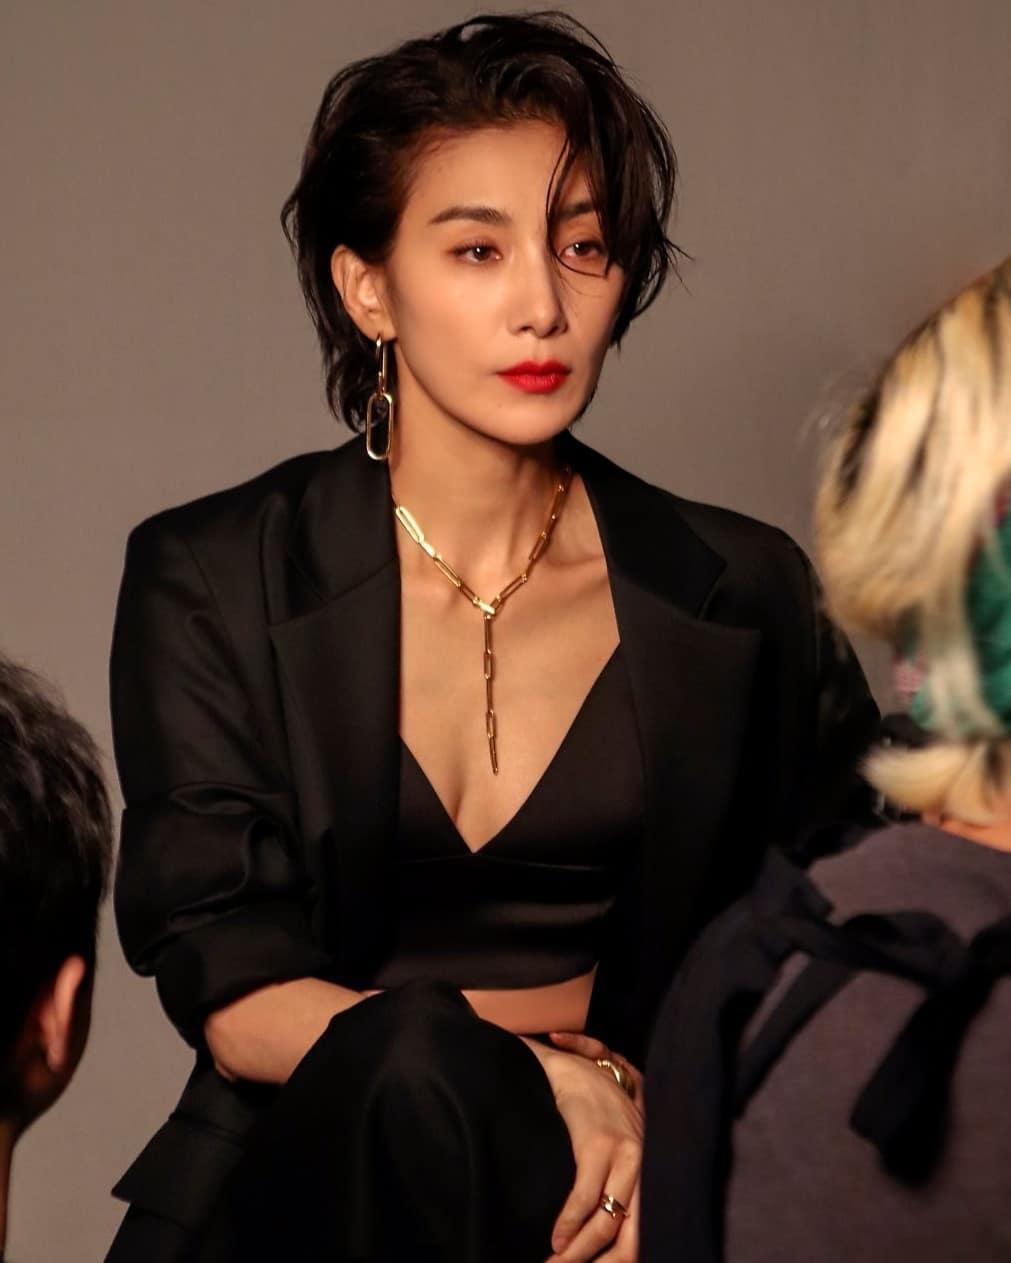 韩国冻龄美女演员当道!除了《夫妻的世界》金喜爱外还有她们!插图(7)